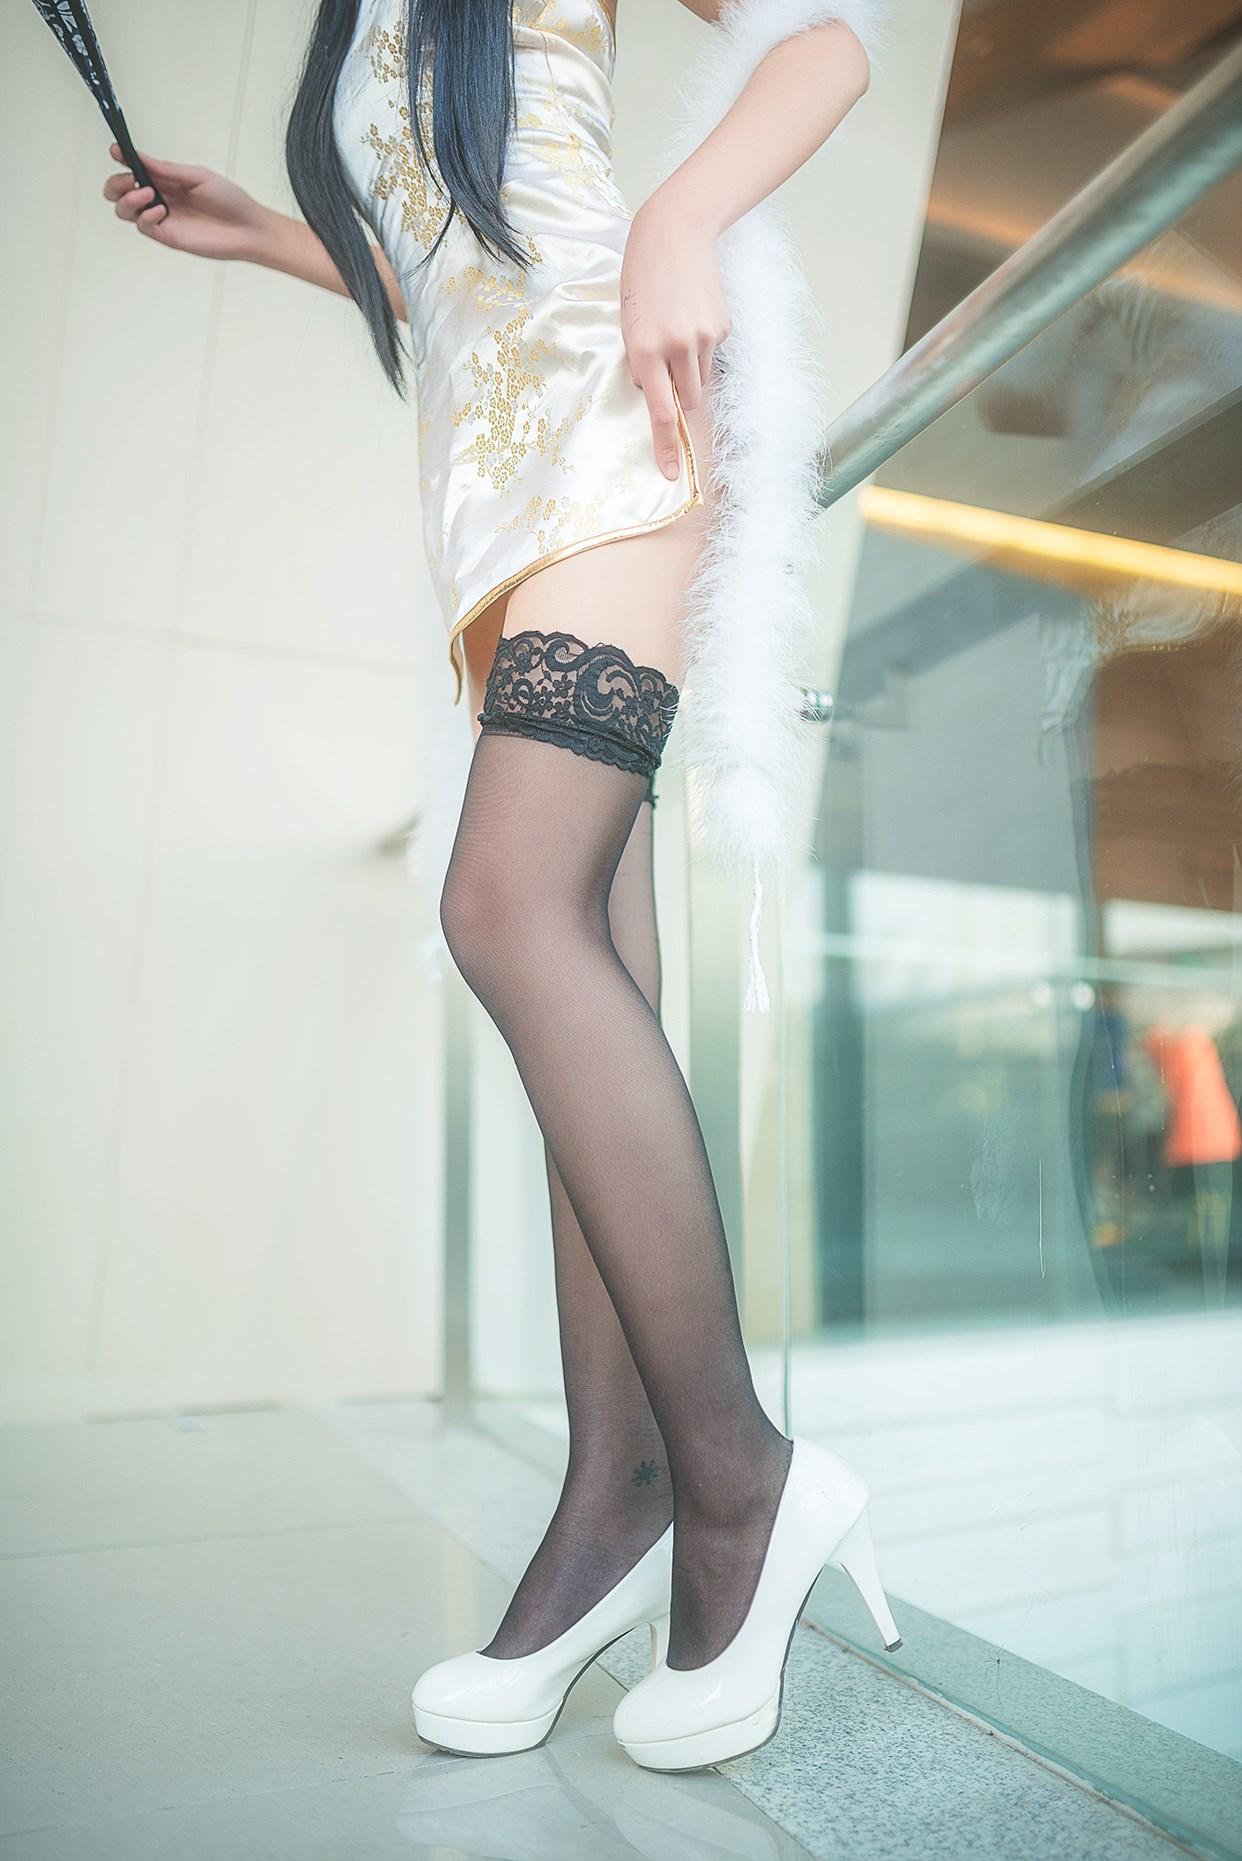 【兔玩映画】腿照福利合集2.0 兔玩映画 第29张